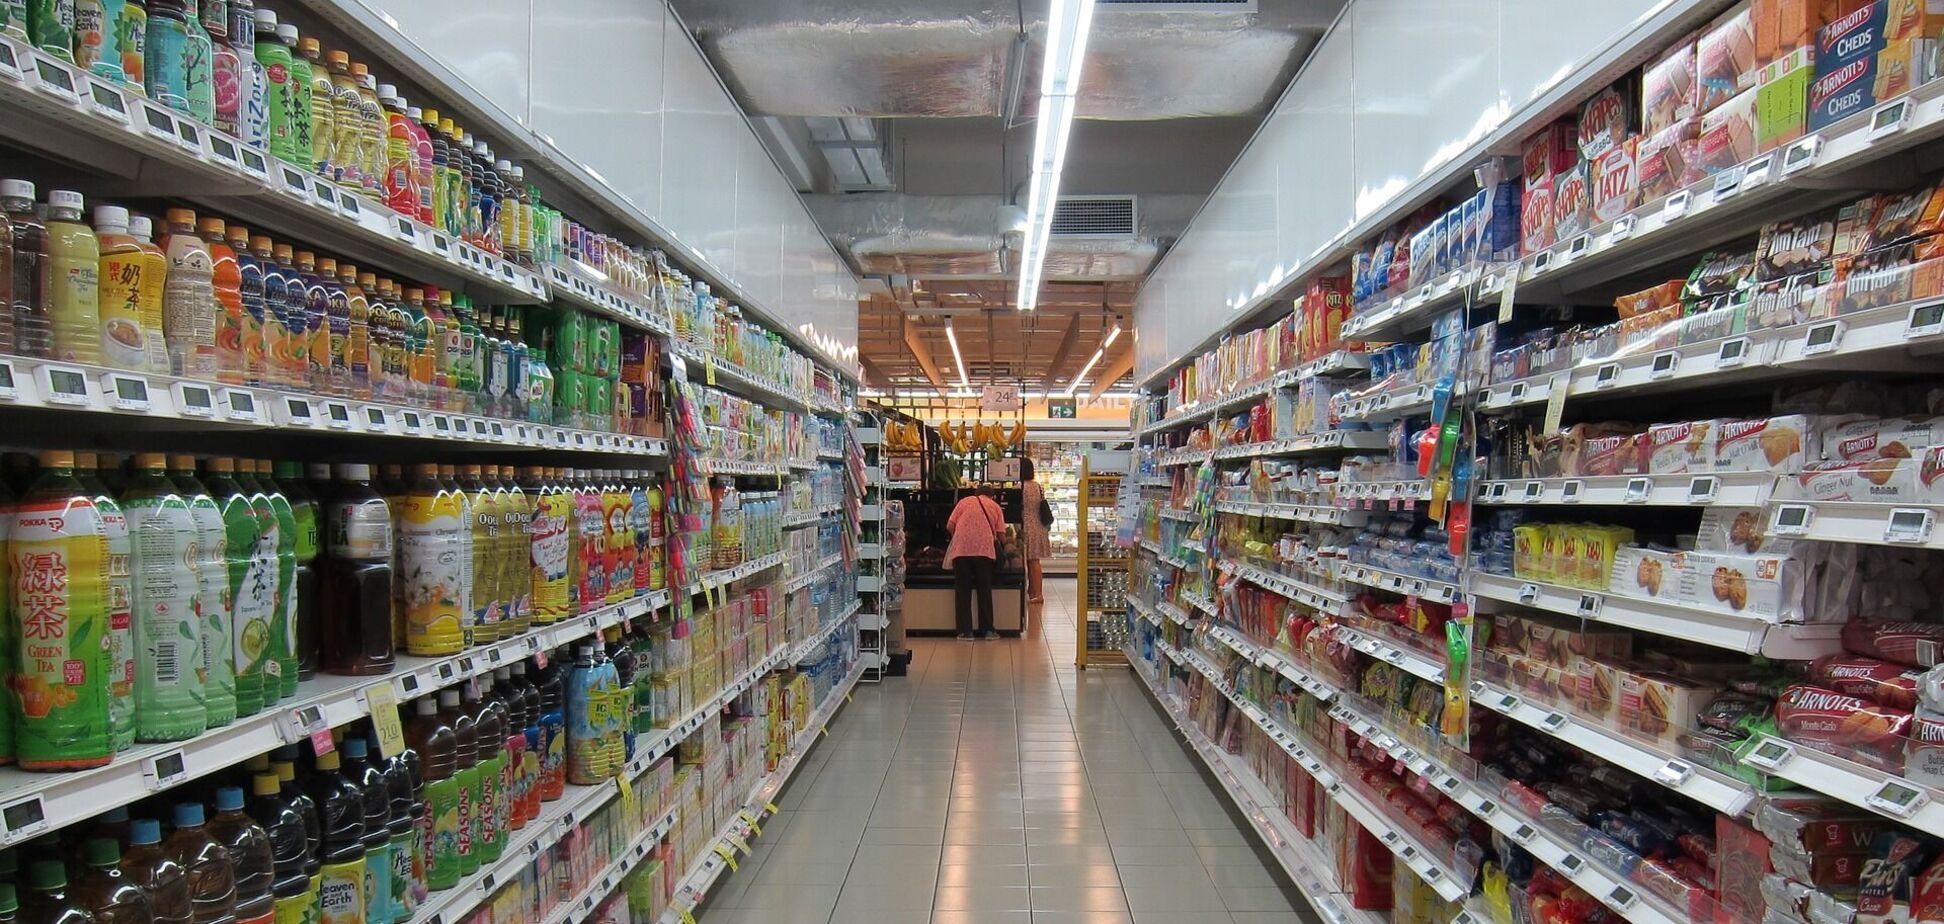 В Украине продукты стоят дороже, чем в Польше: сравнение цен